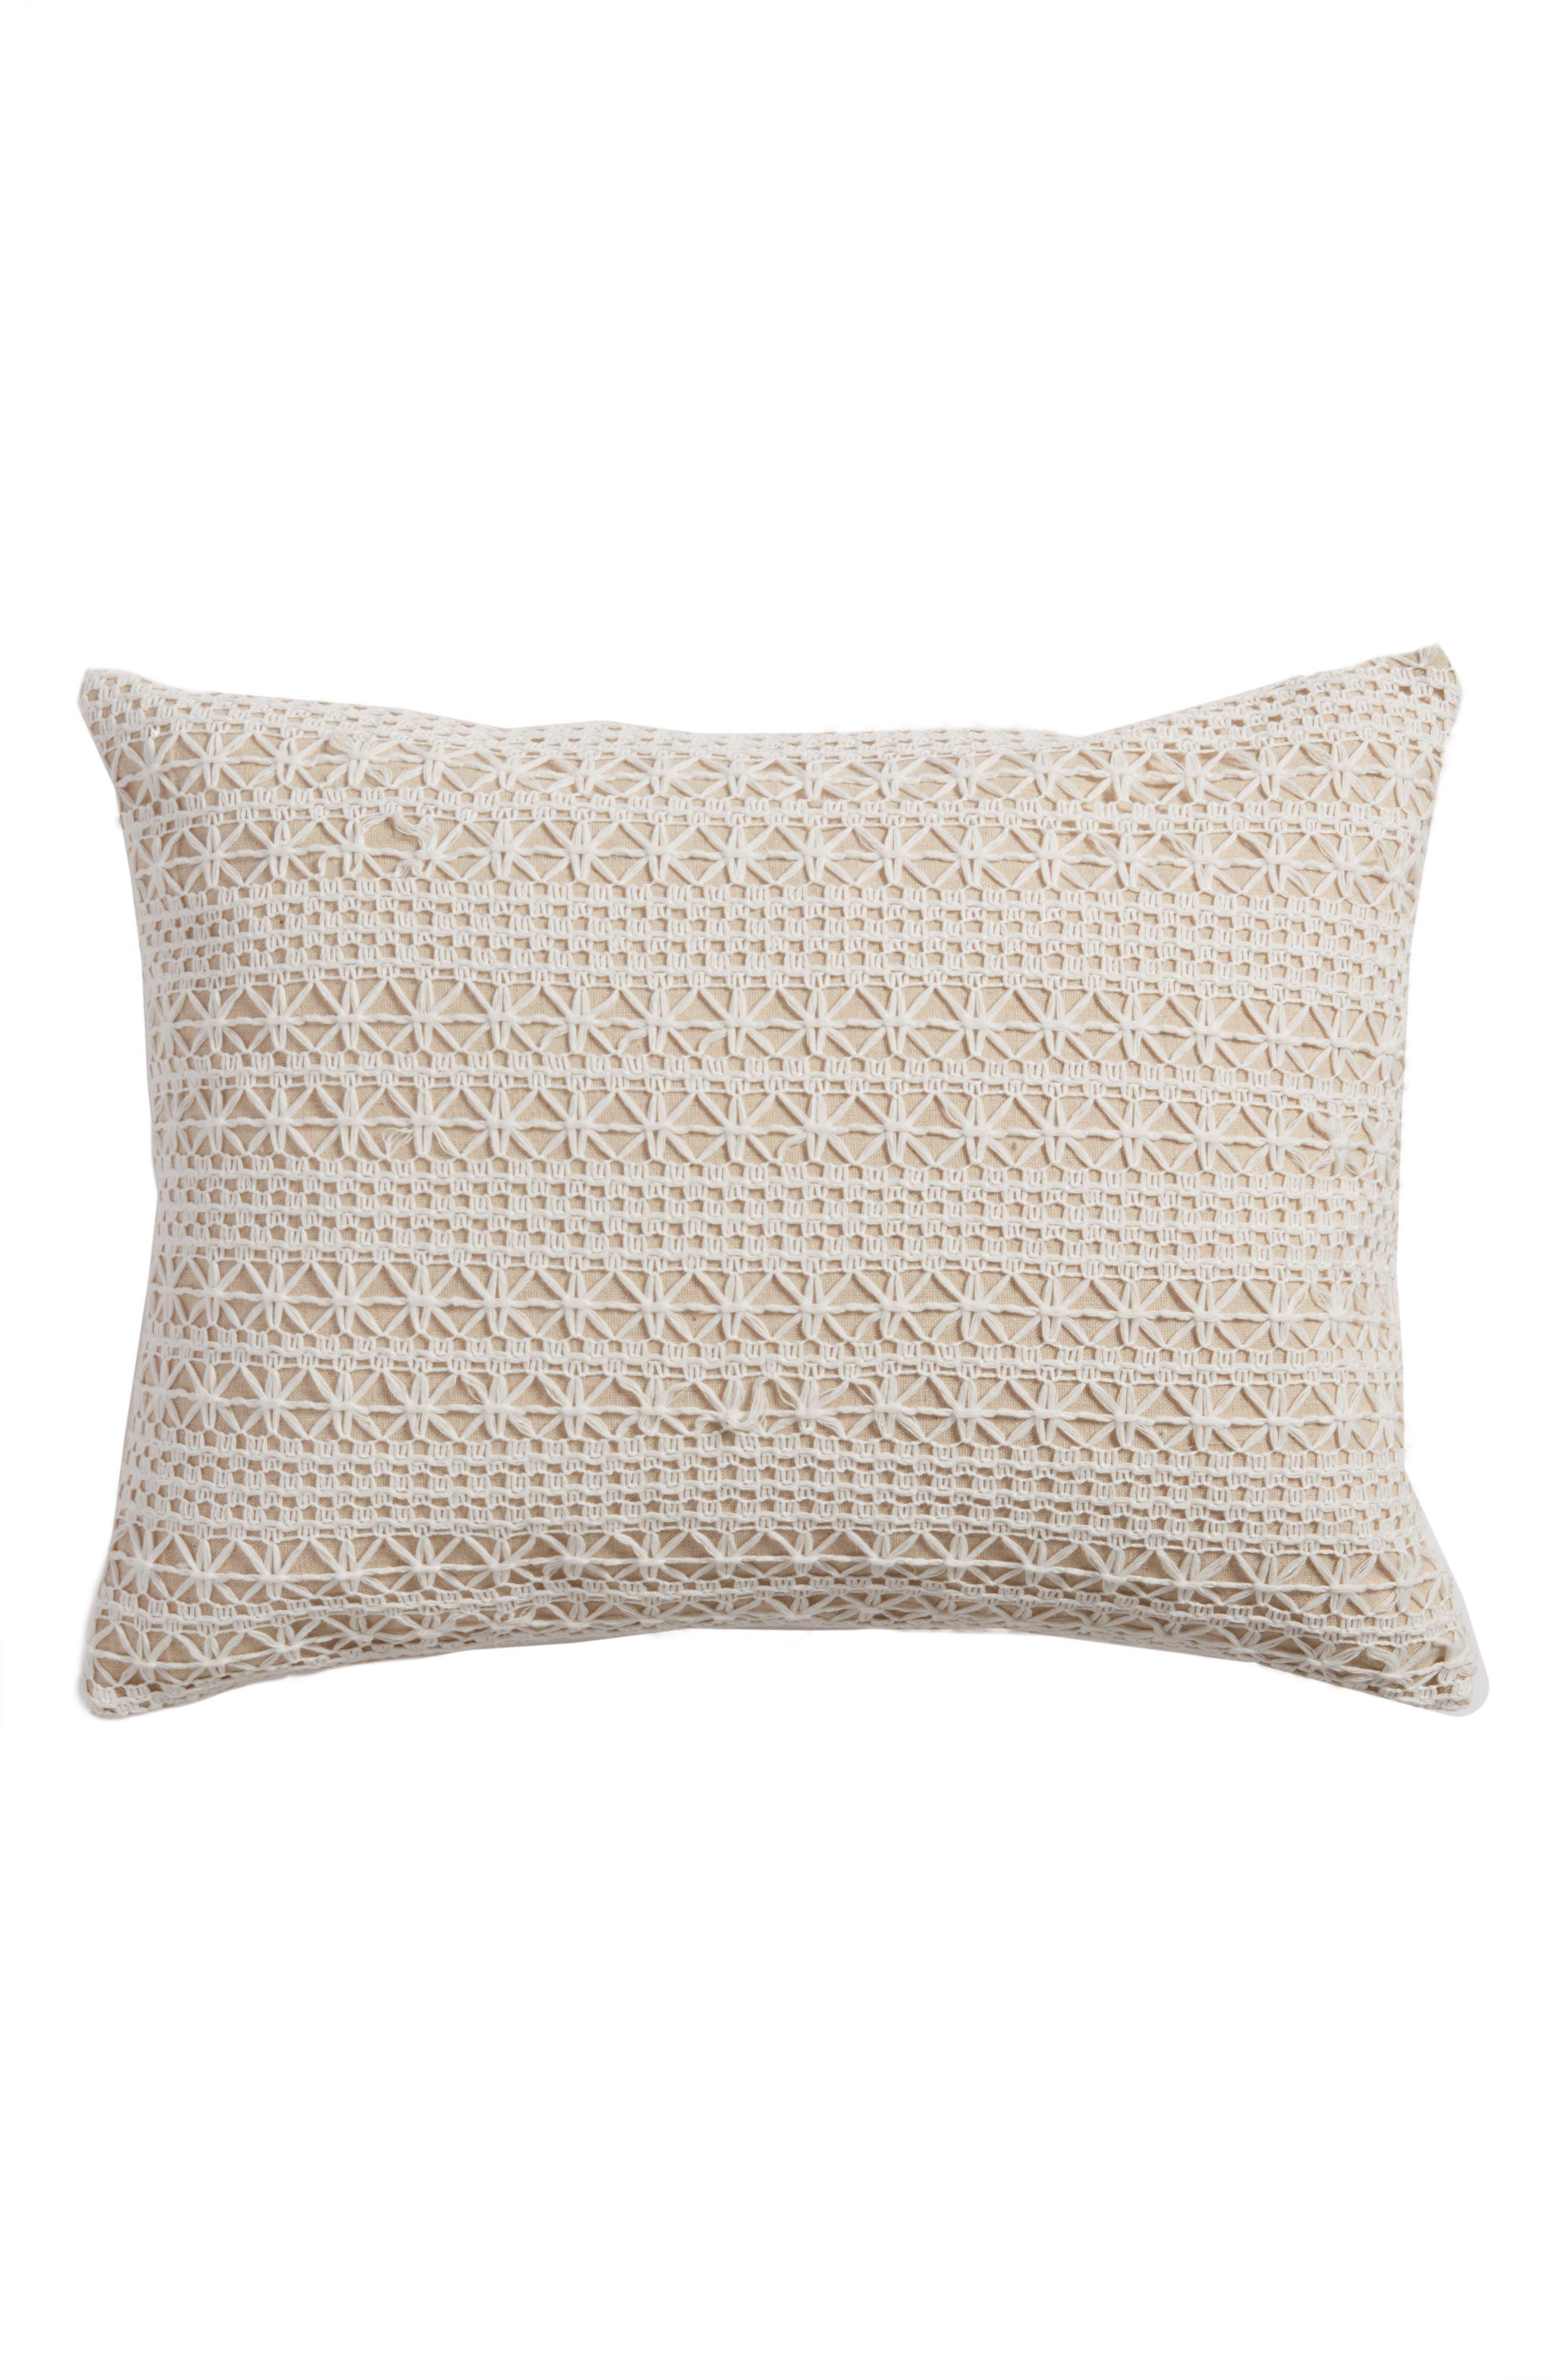 Main Image - Levtex Arden Accent Pillow